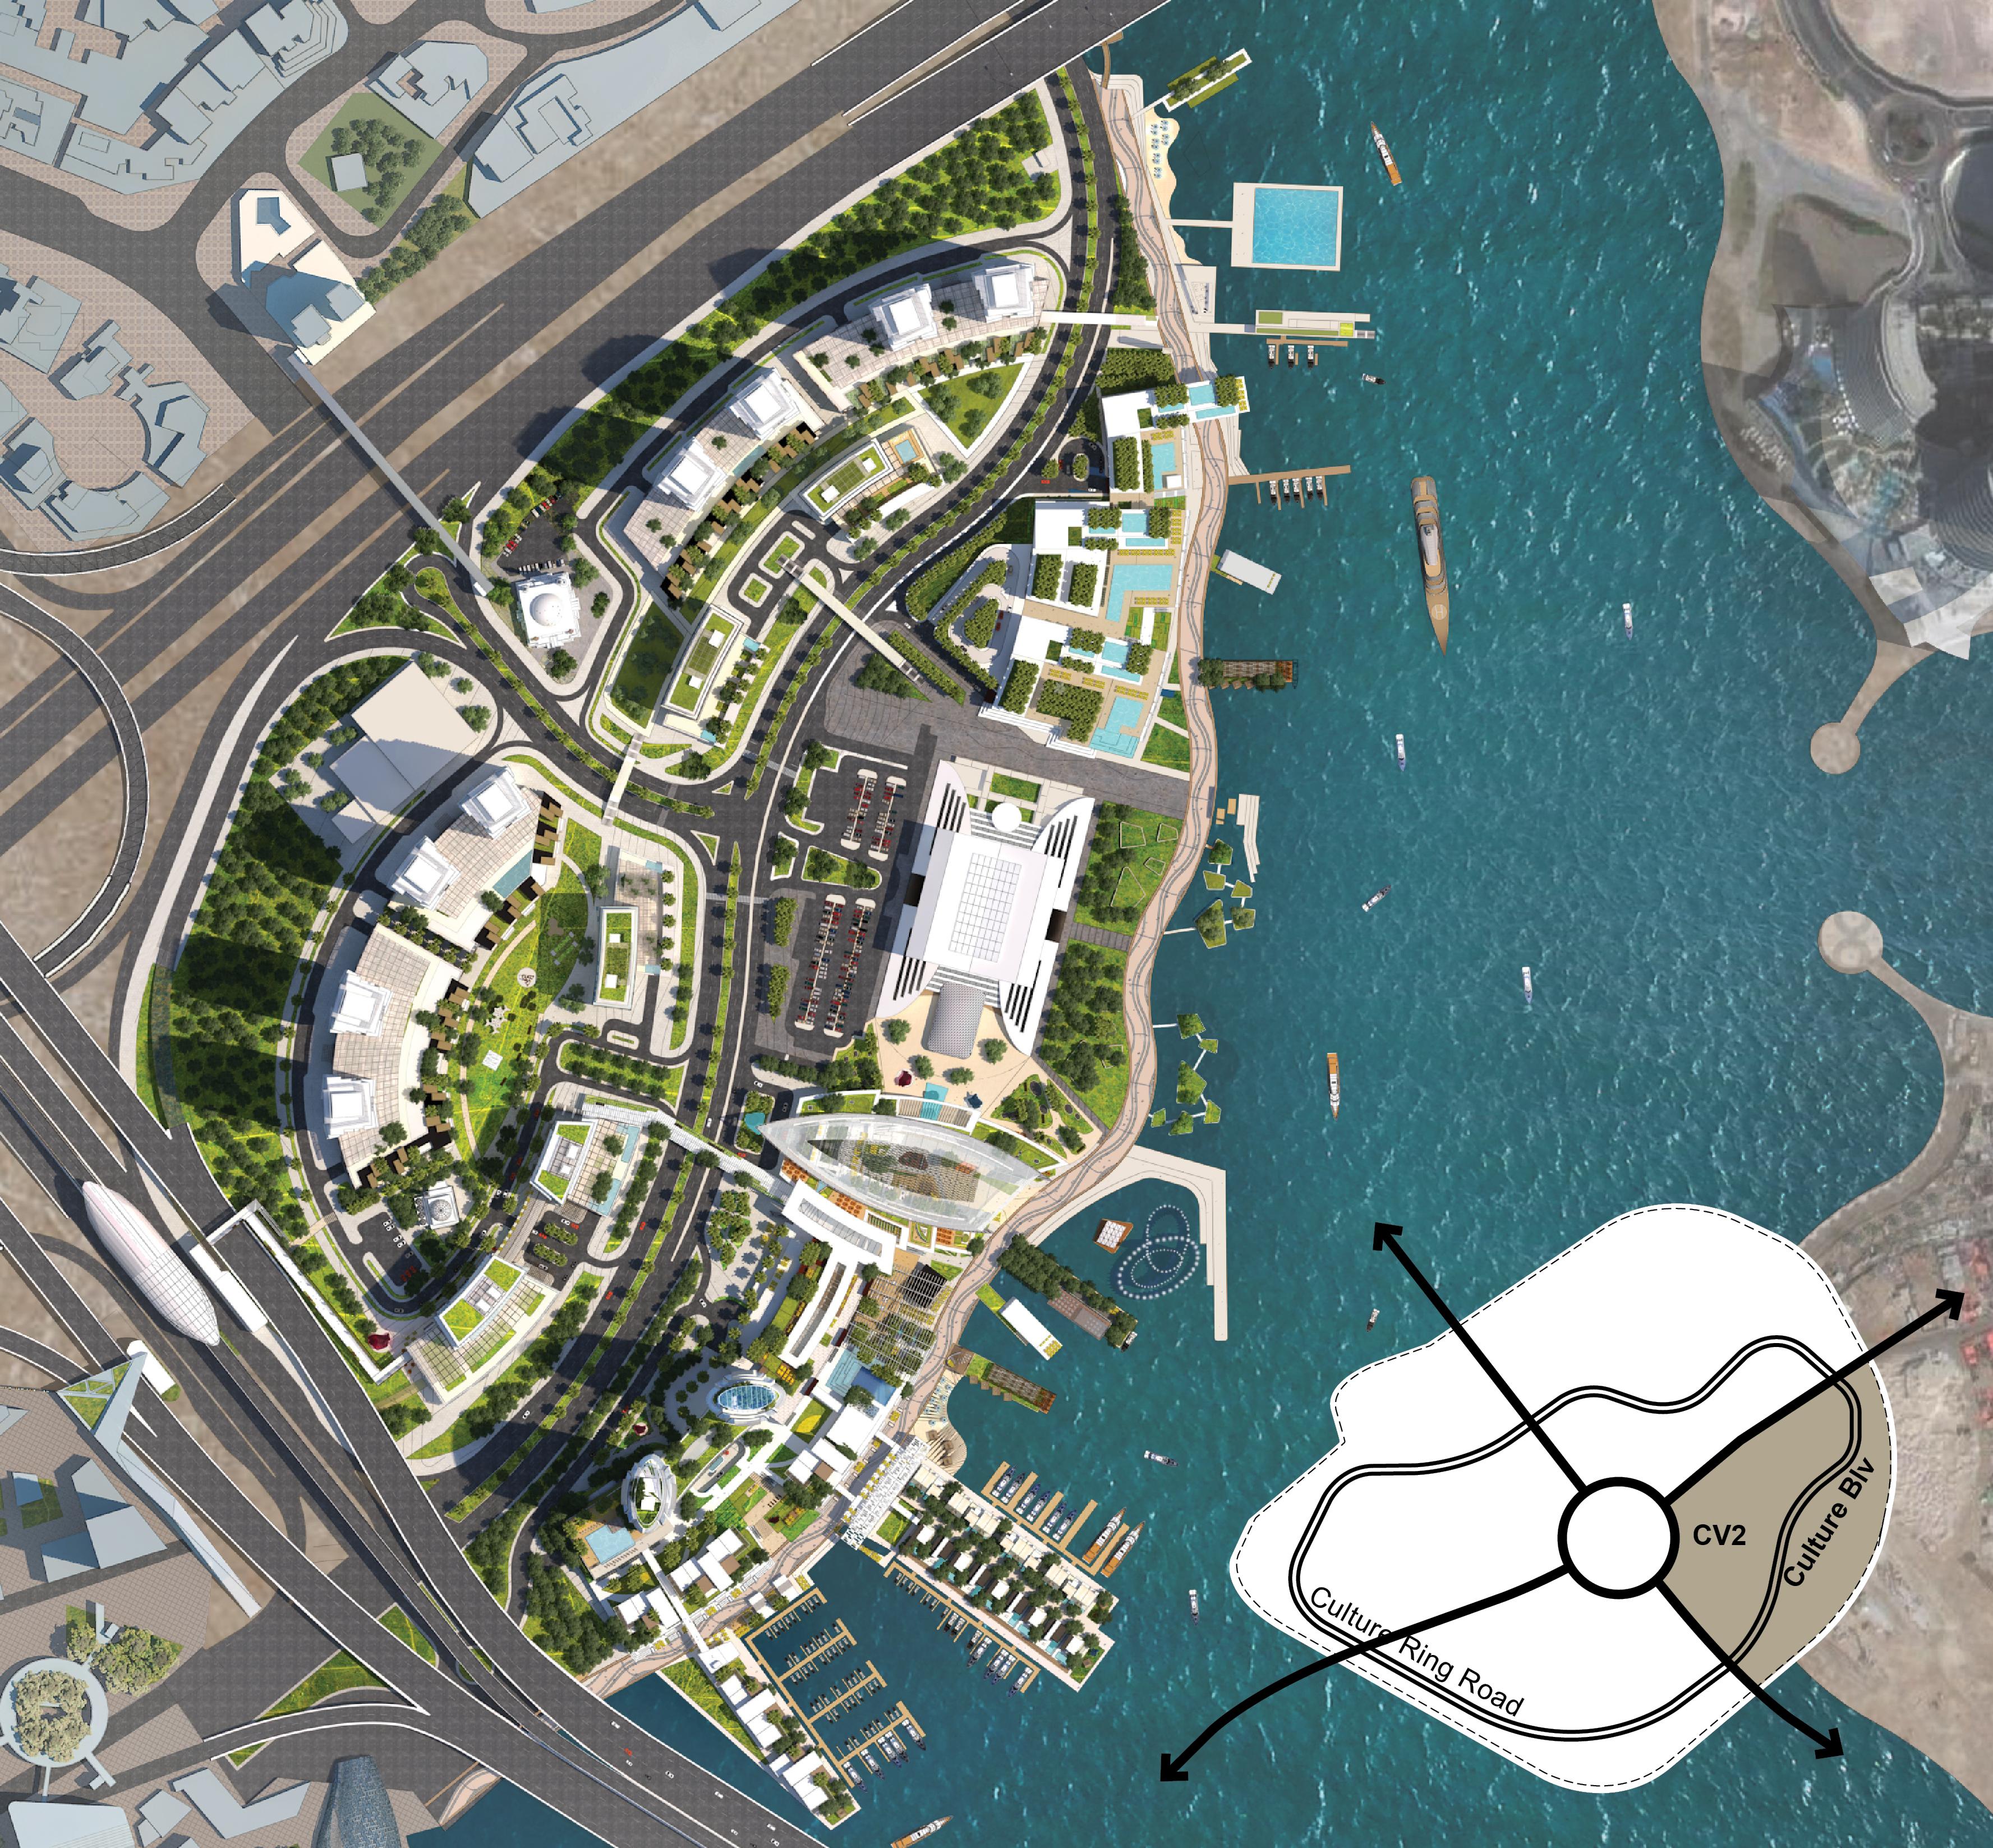 Systematica-CV2 Dubai-Aerial View